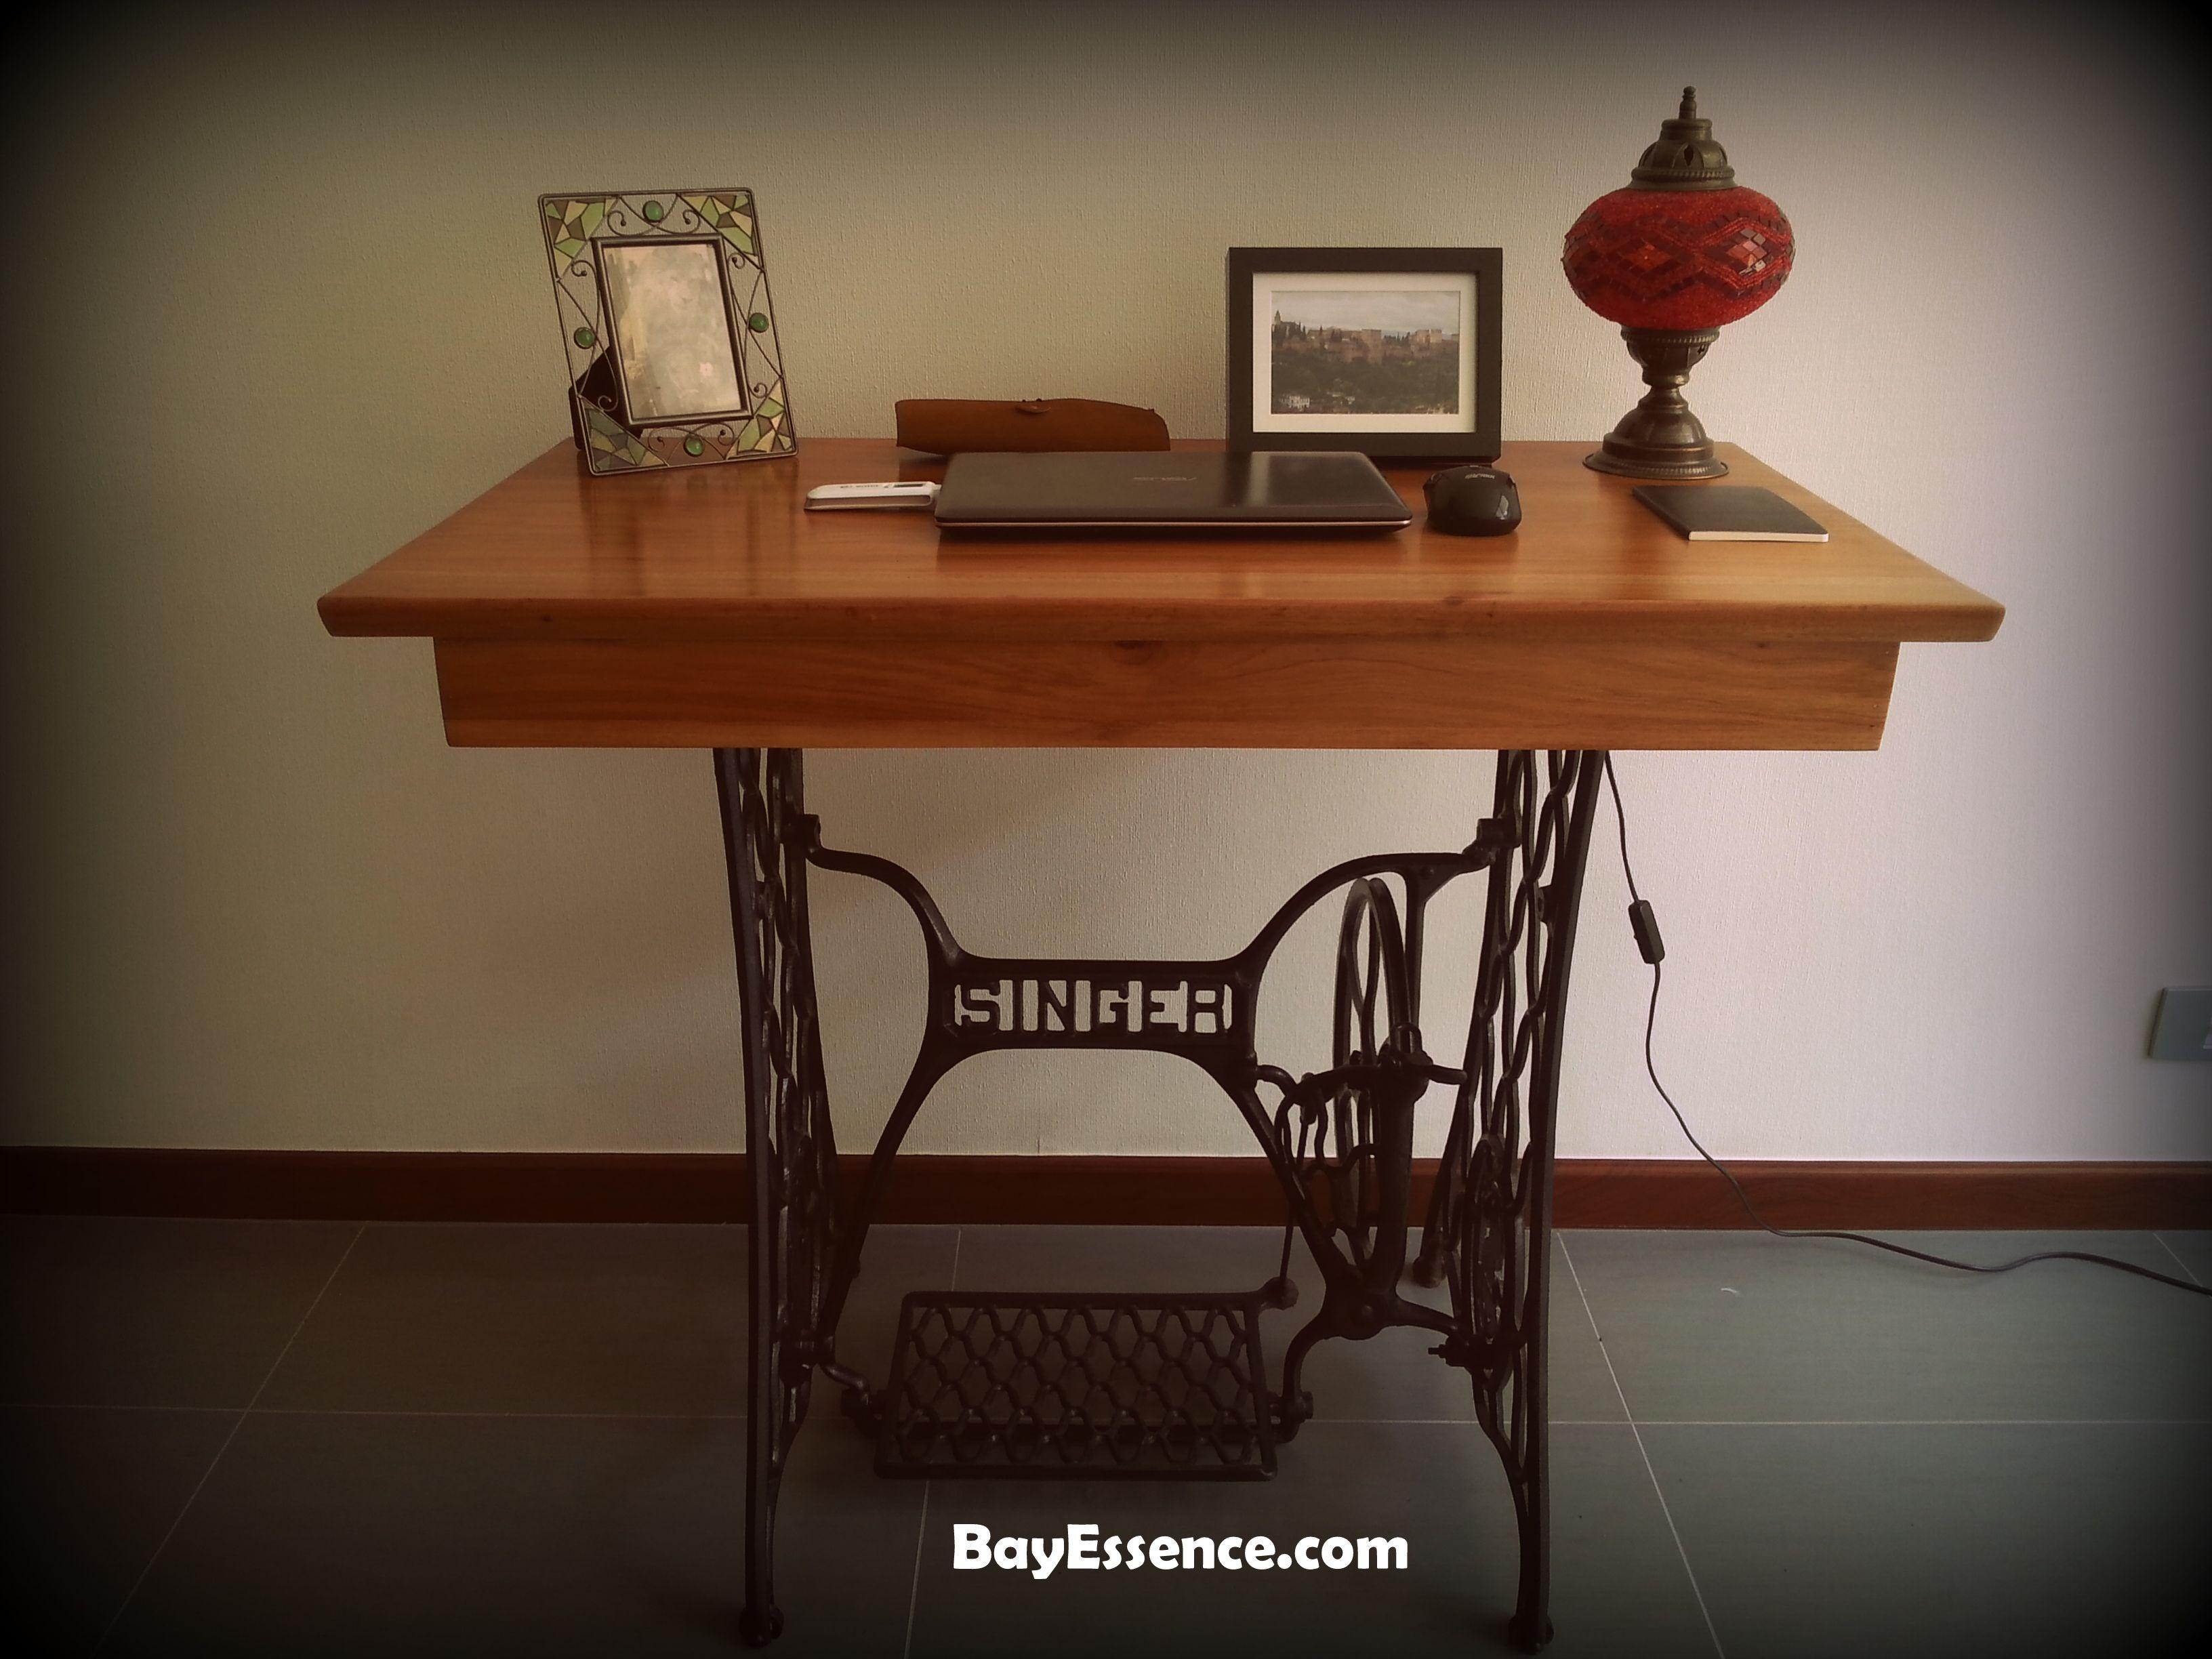 Muebles Maquinas De Coser Muebles Maquinas De Coser With Muebles  # Muebles Maquina De Coser Segunda Mano